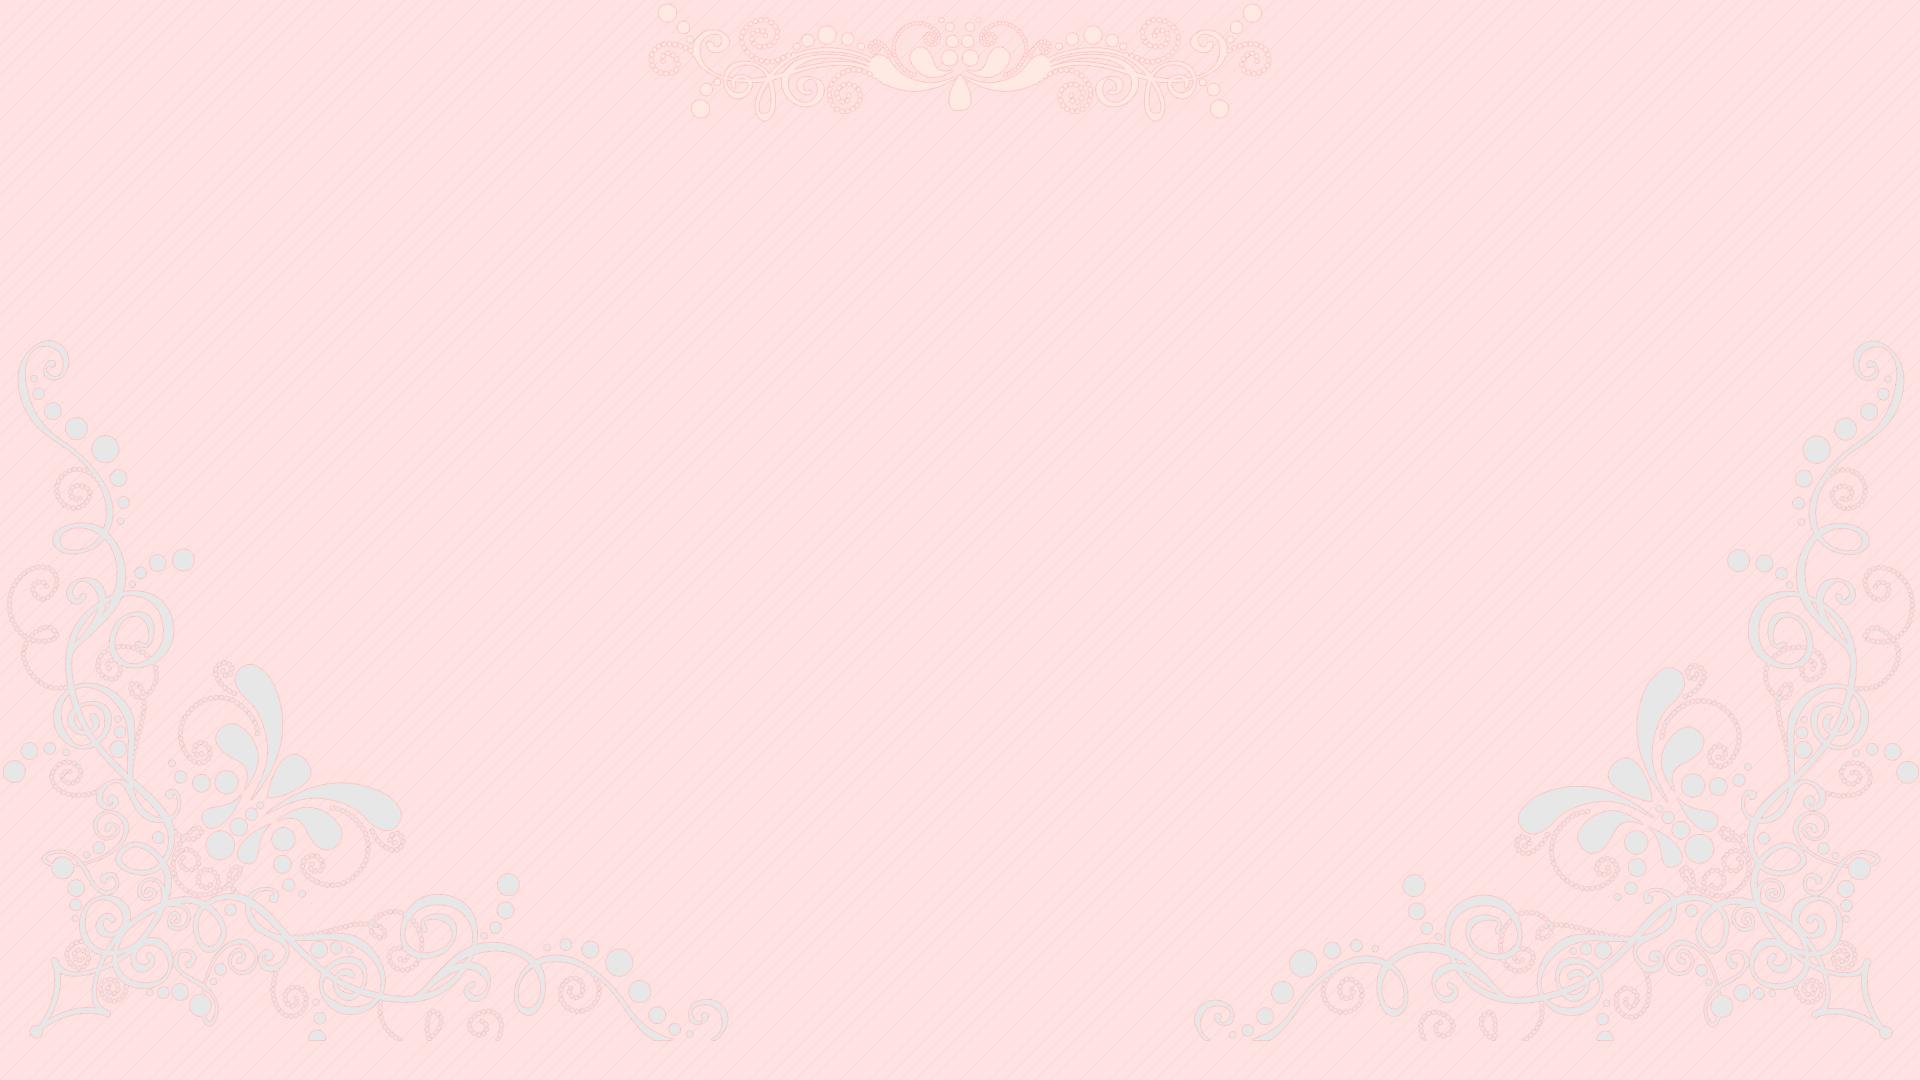 Pastel Pink Desktop Wallpaper Tumblr